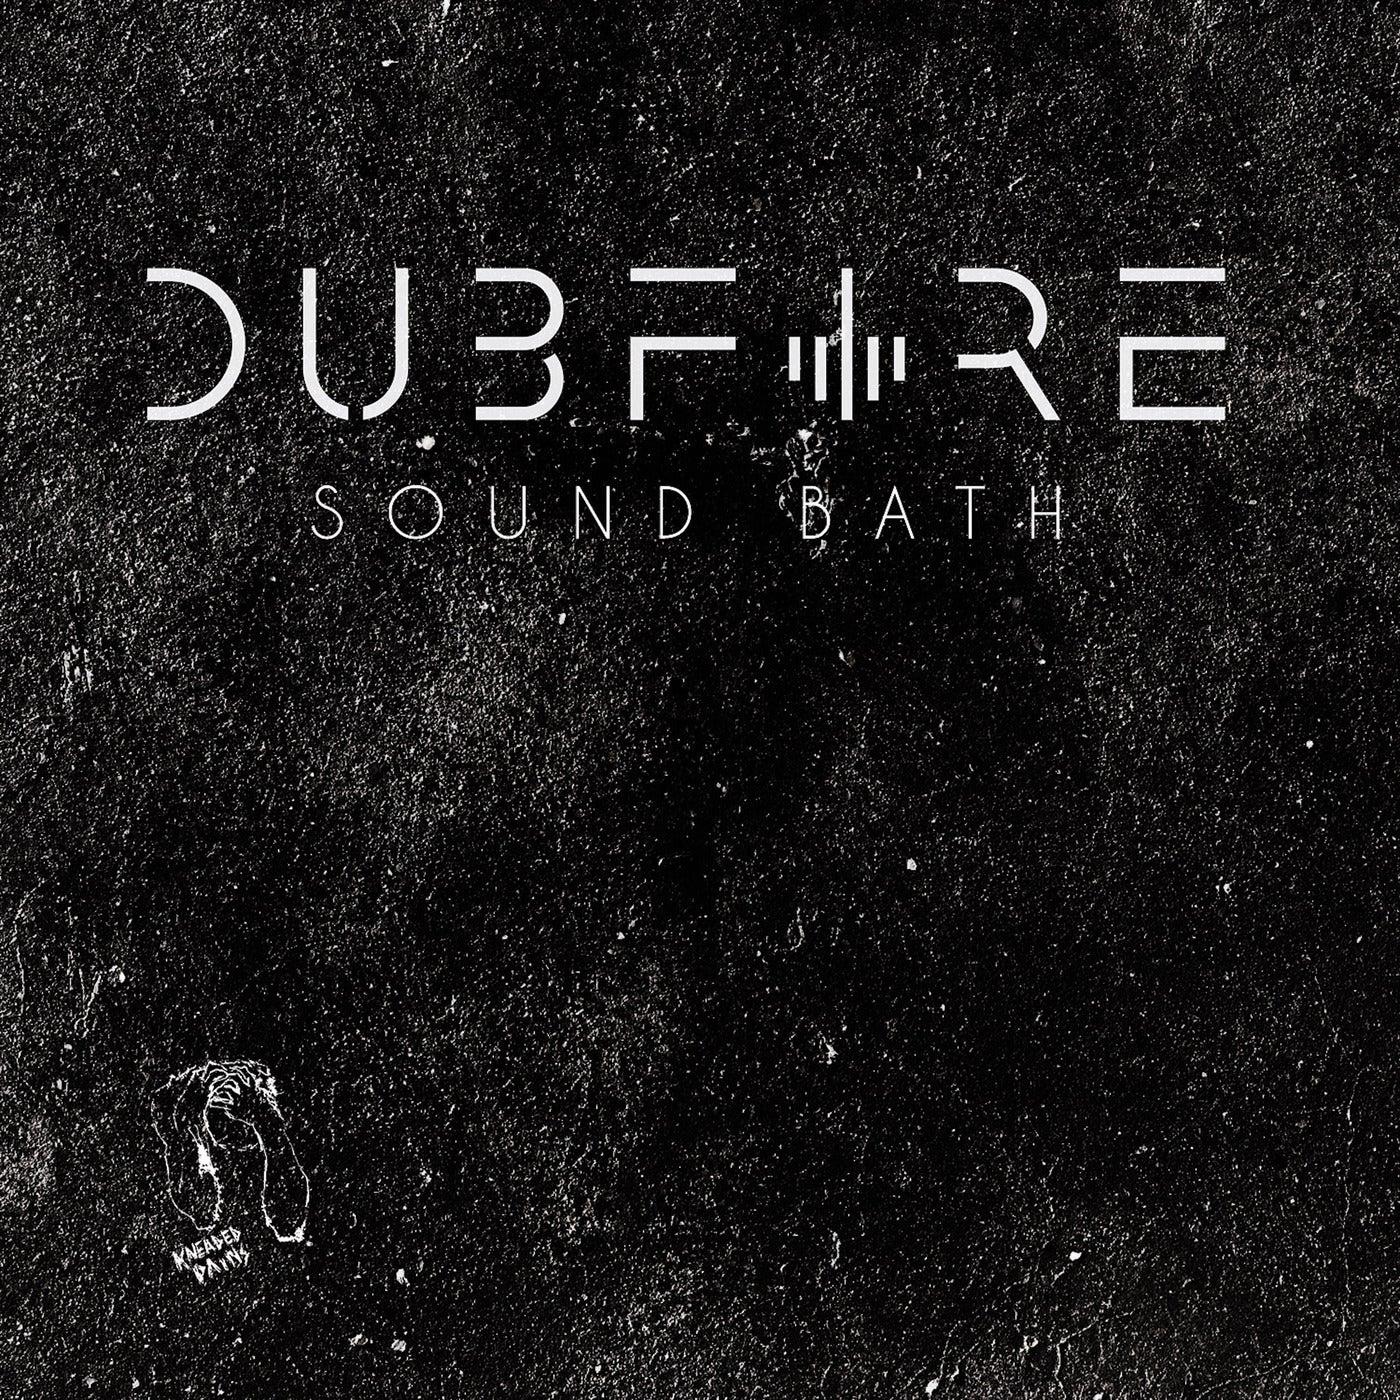 Sound Bath (Original Mix)